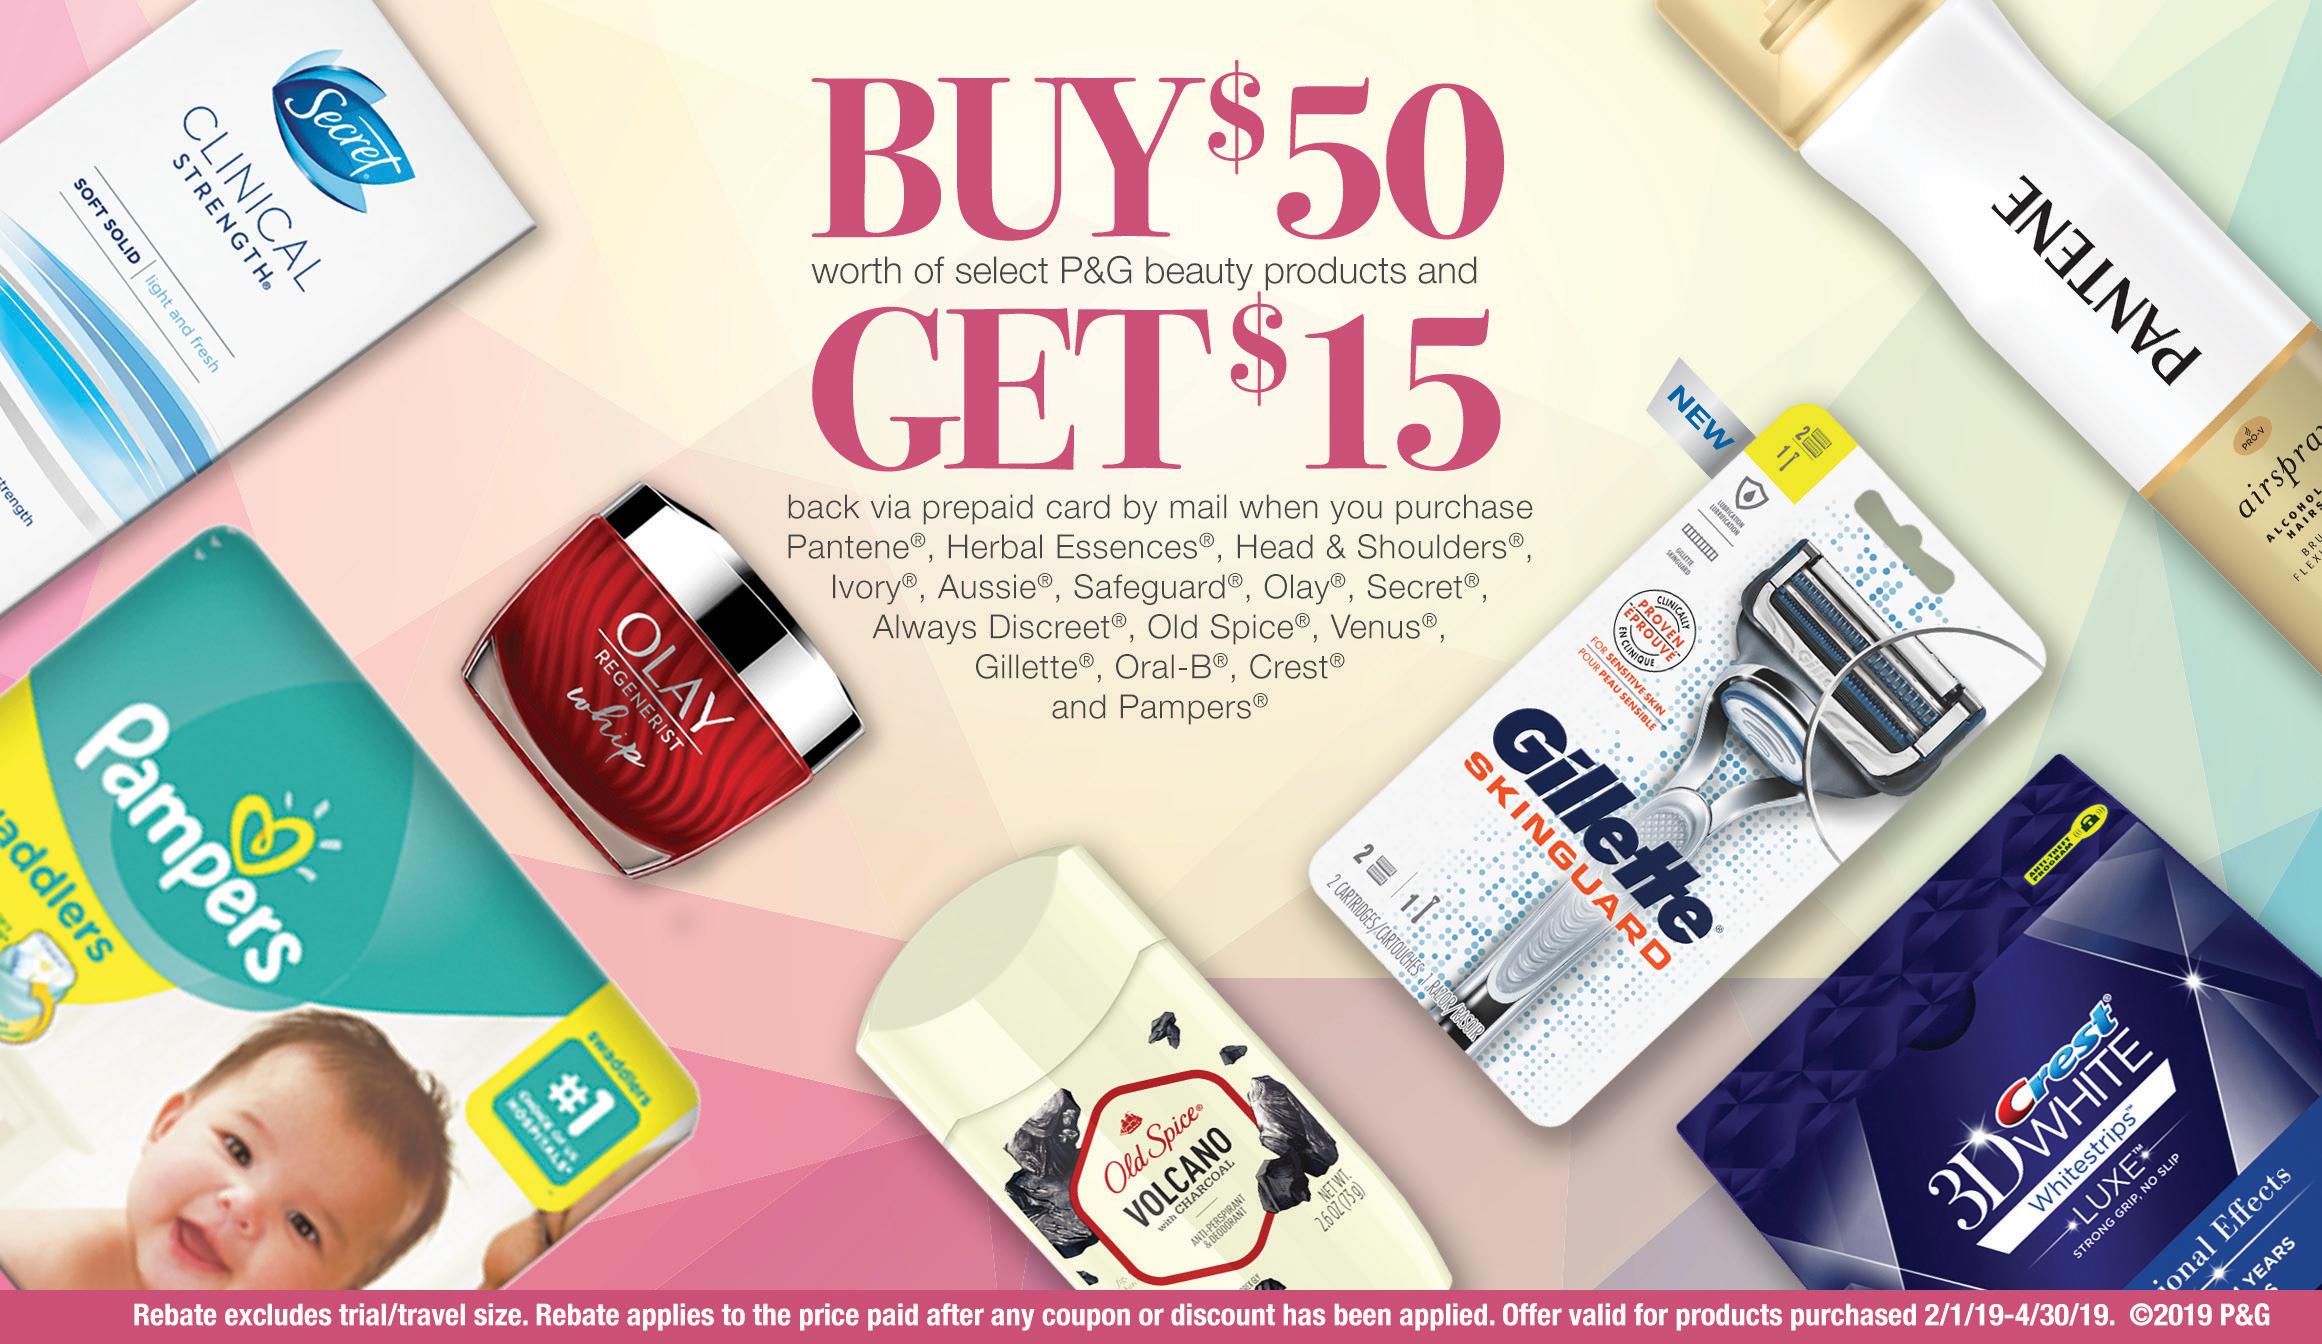 Spring Beauty Rebate: $15 Rebate on $50 Worth of P&G beauty